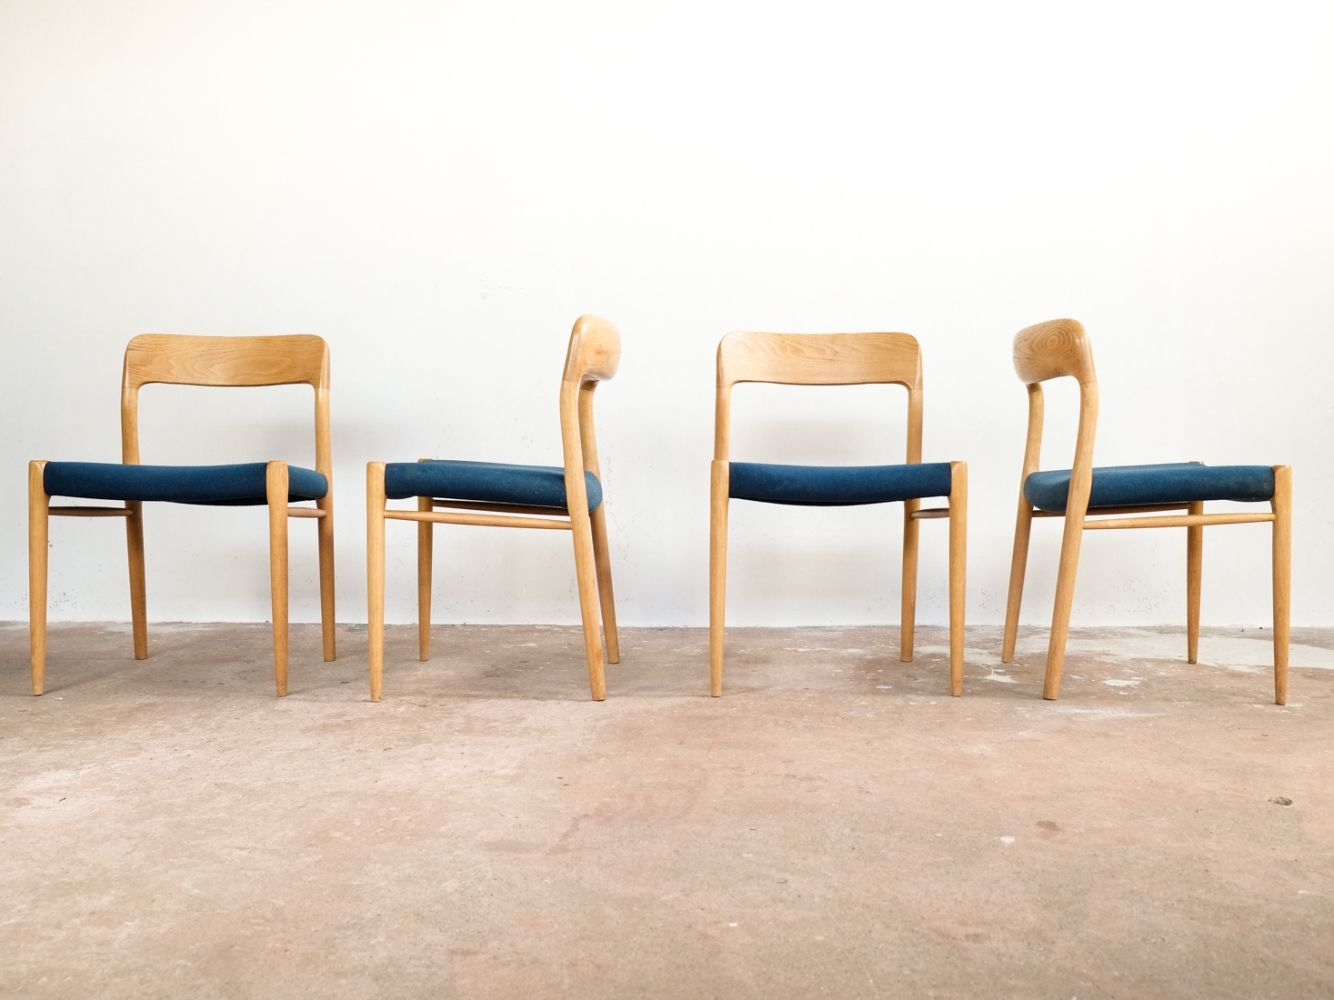 Set of 4 chairs in oak by Niels Otto Møller (met